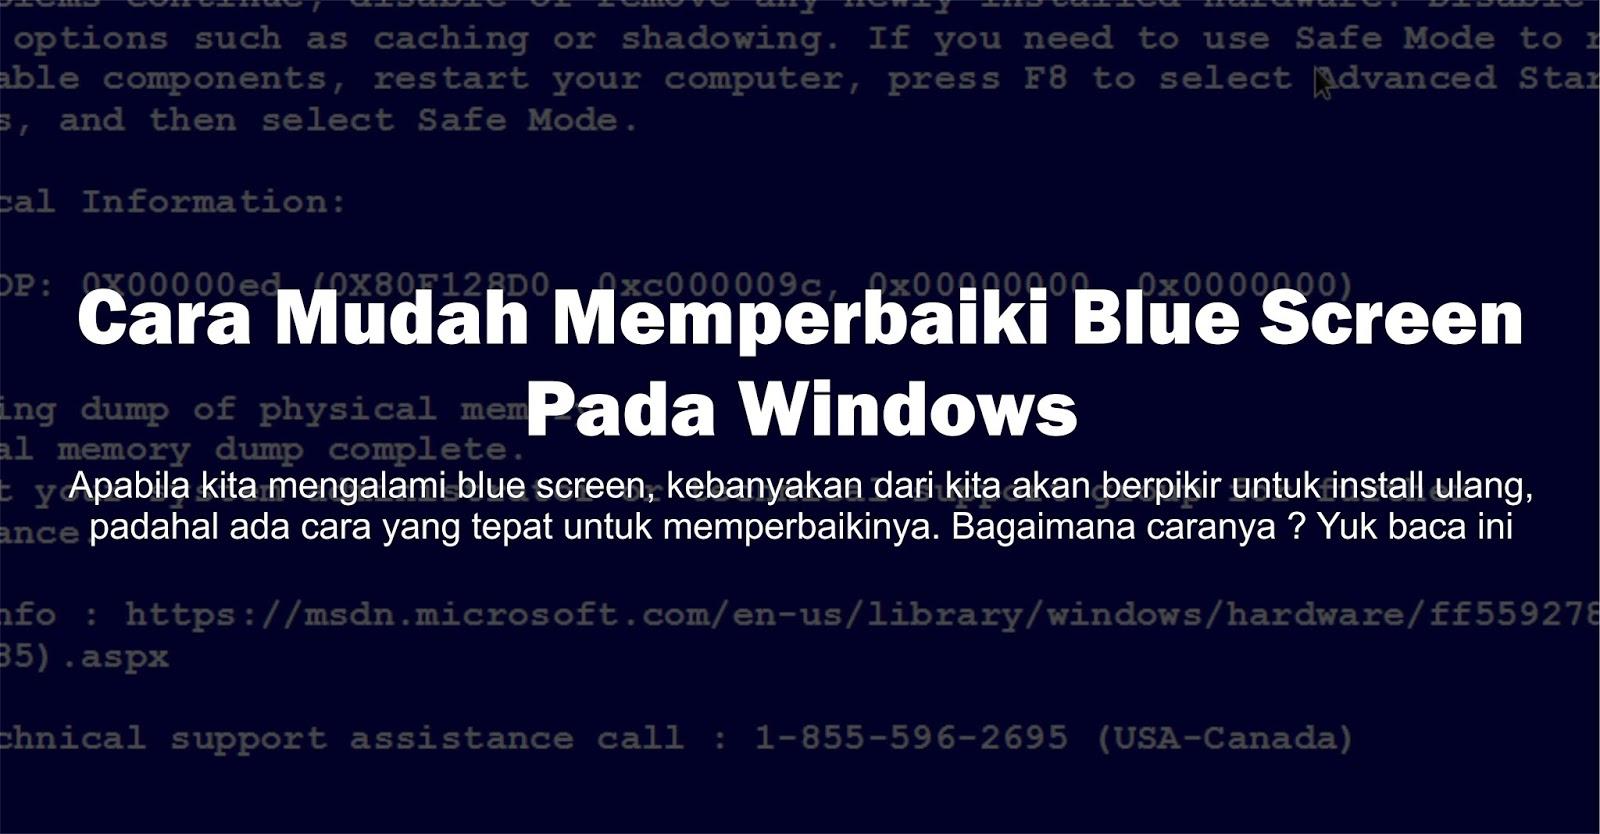 Cara Mudah Memperbaiki Blue Screen Pada Windows Indonesia Hacker